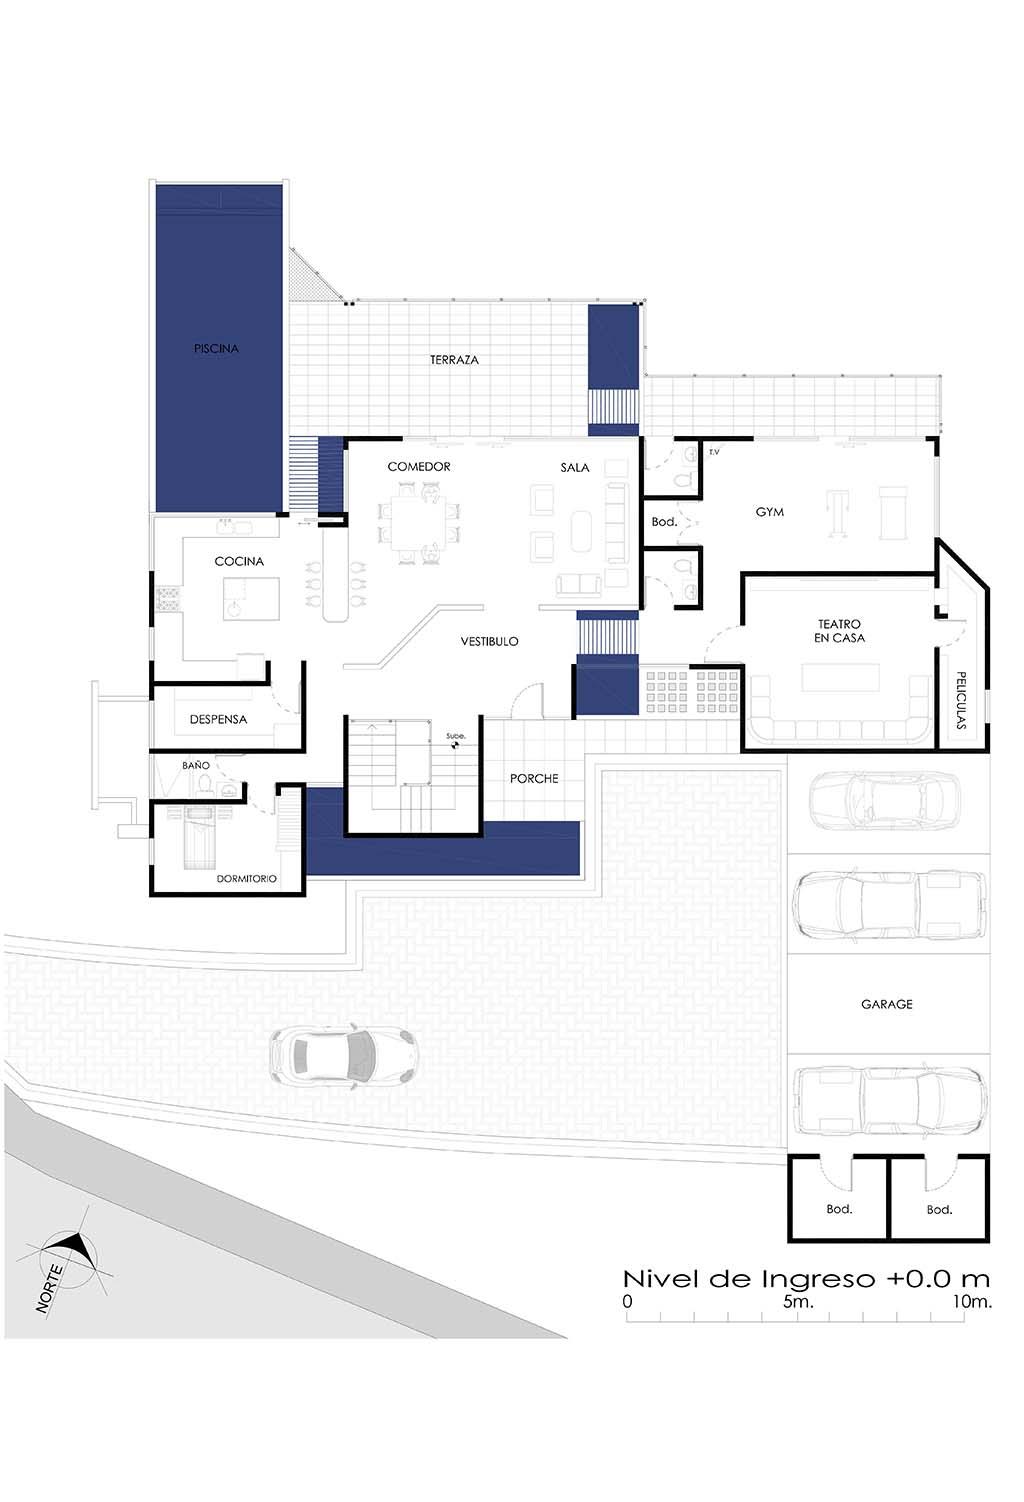 Casa Rocagua Model (1)_FINAL_001 copia